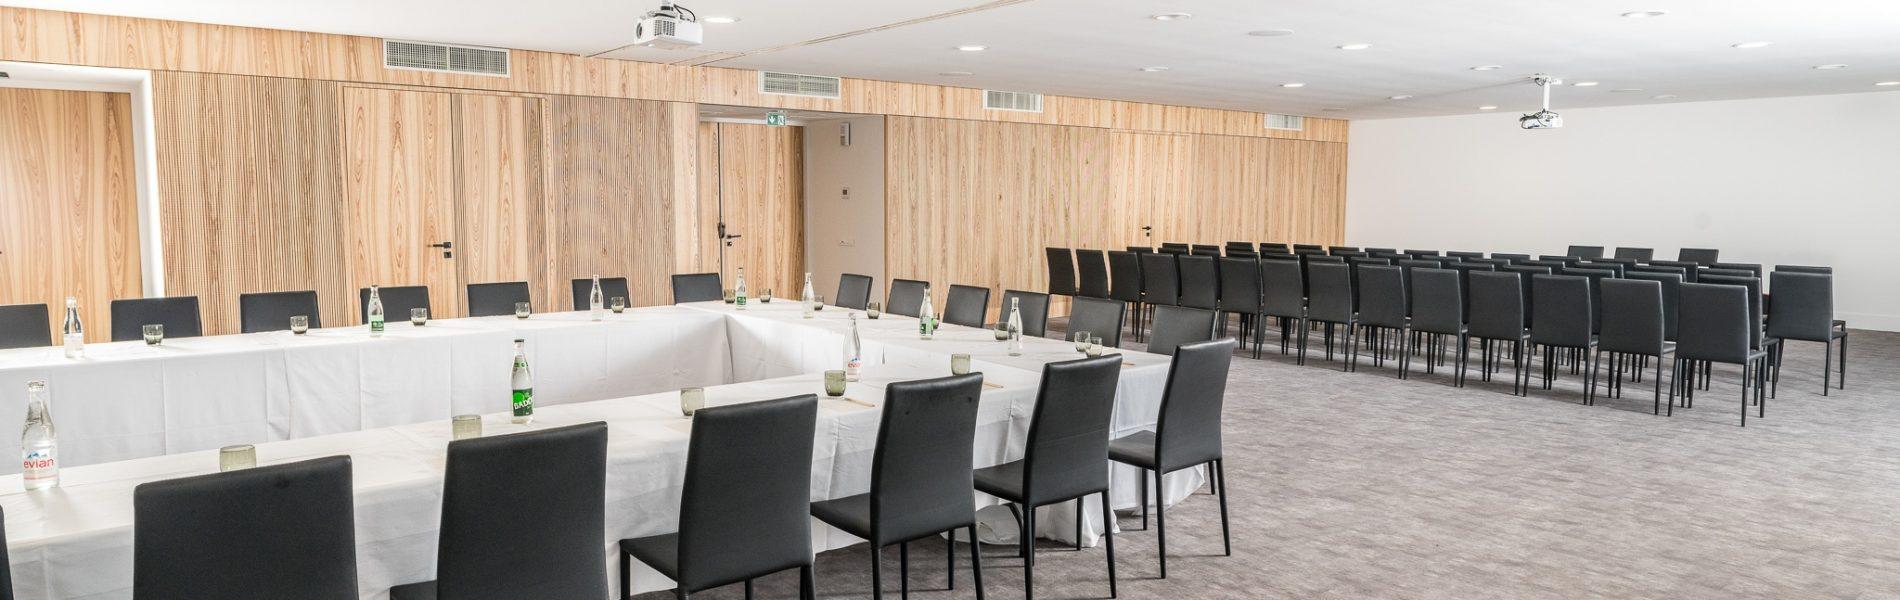 Salle de réception - Vivres Rochefort